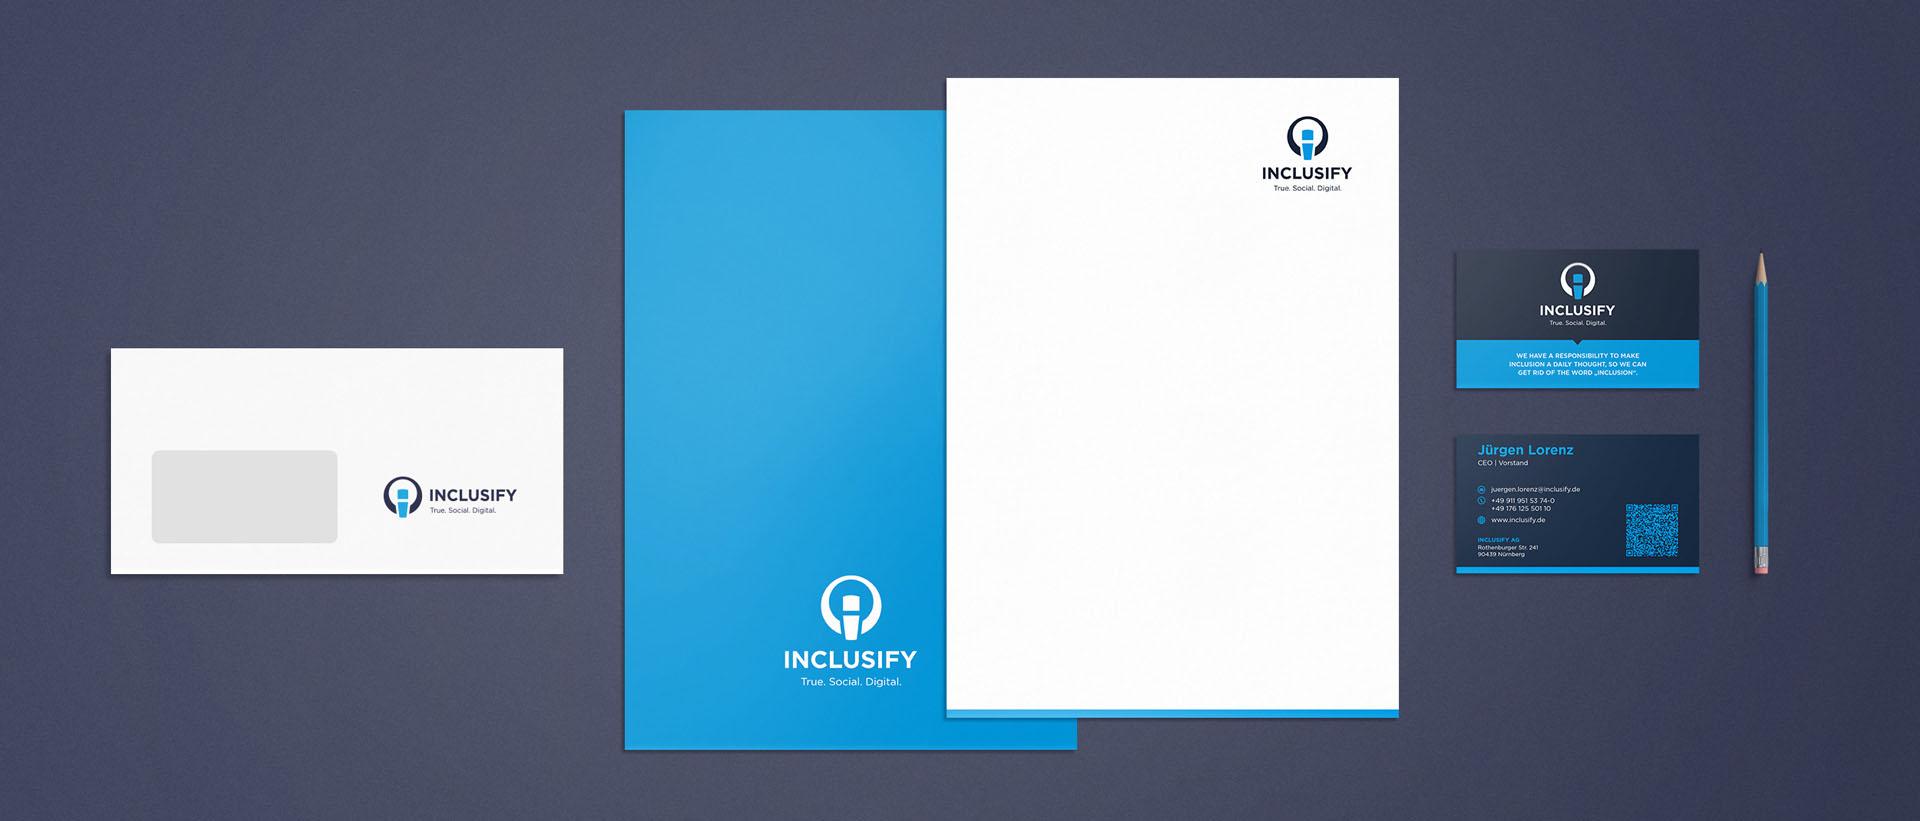 Für die Inclusify AG konzipiert und realisiert REINGOLD den kompletten Werbeauftritt.